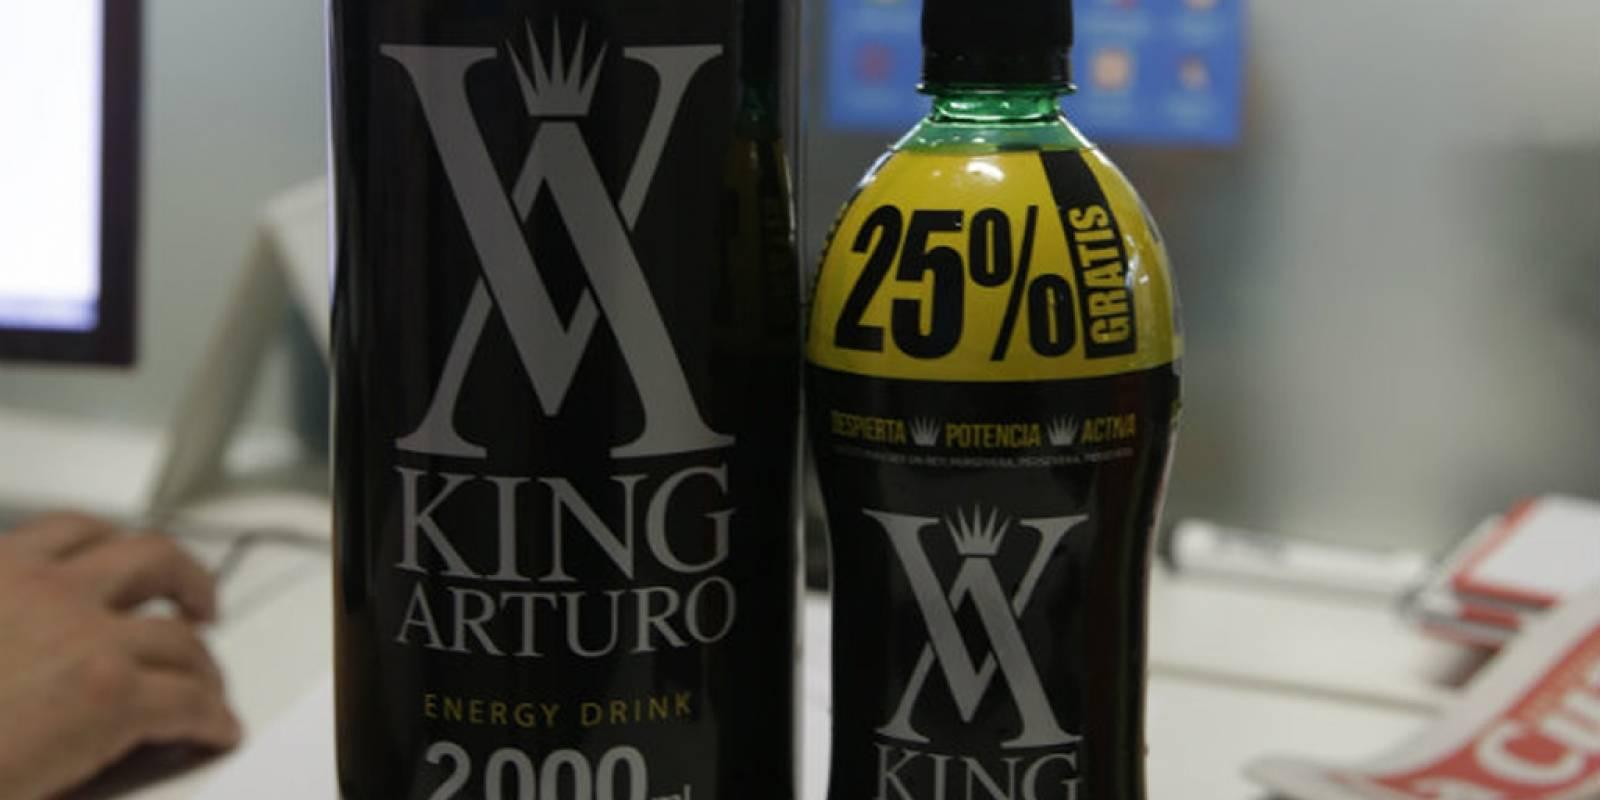 Arturo Vidal gana demanda a empresa por utilizar su apodo 'King Arturo'